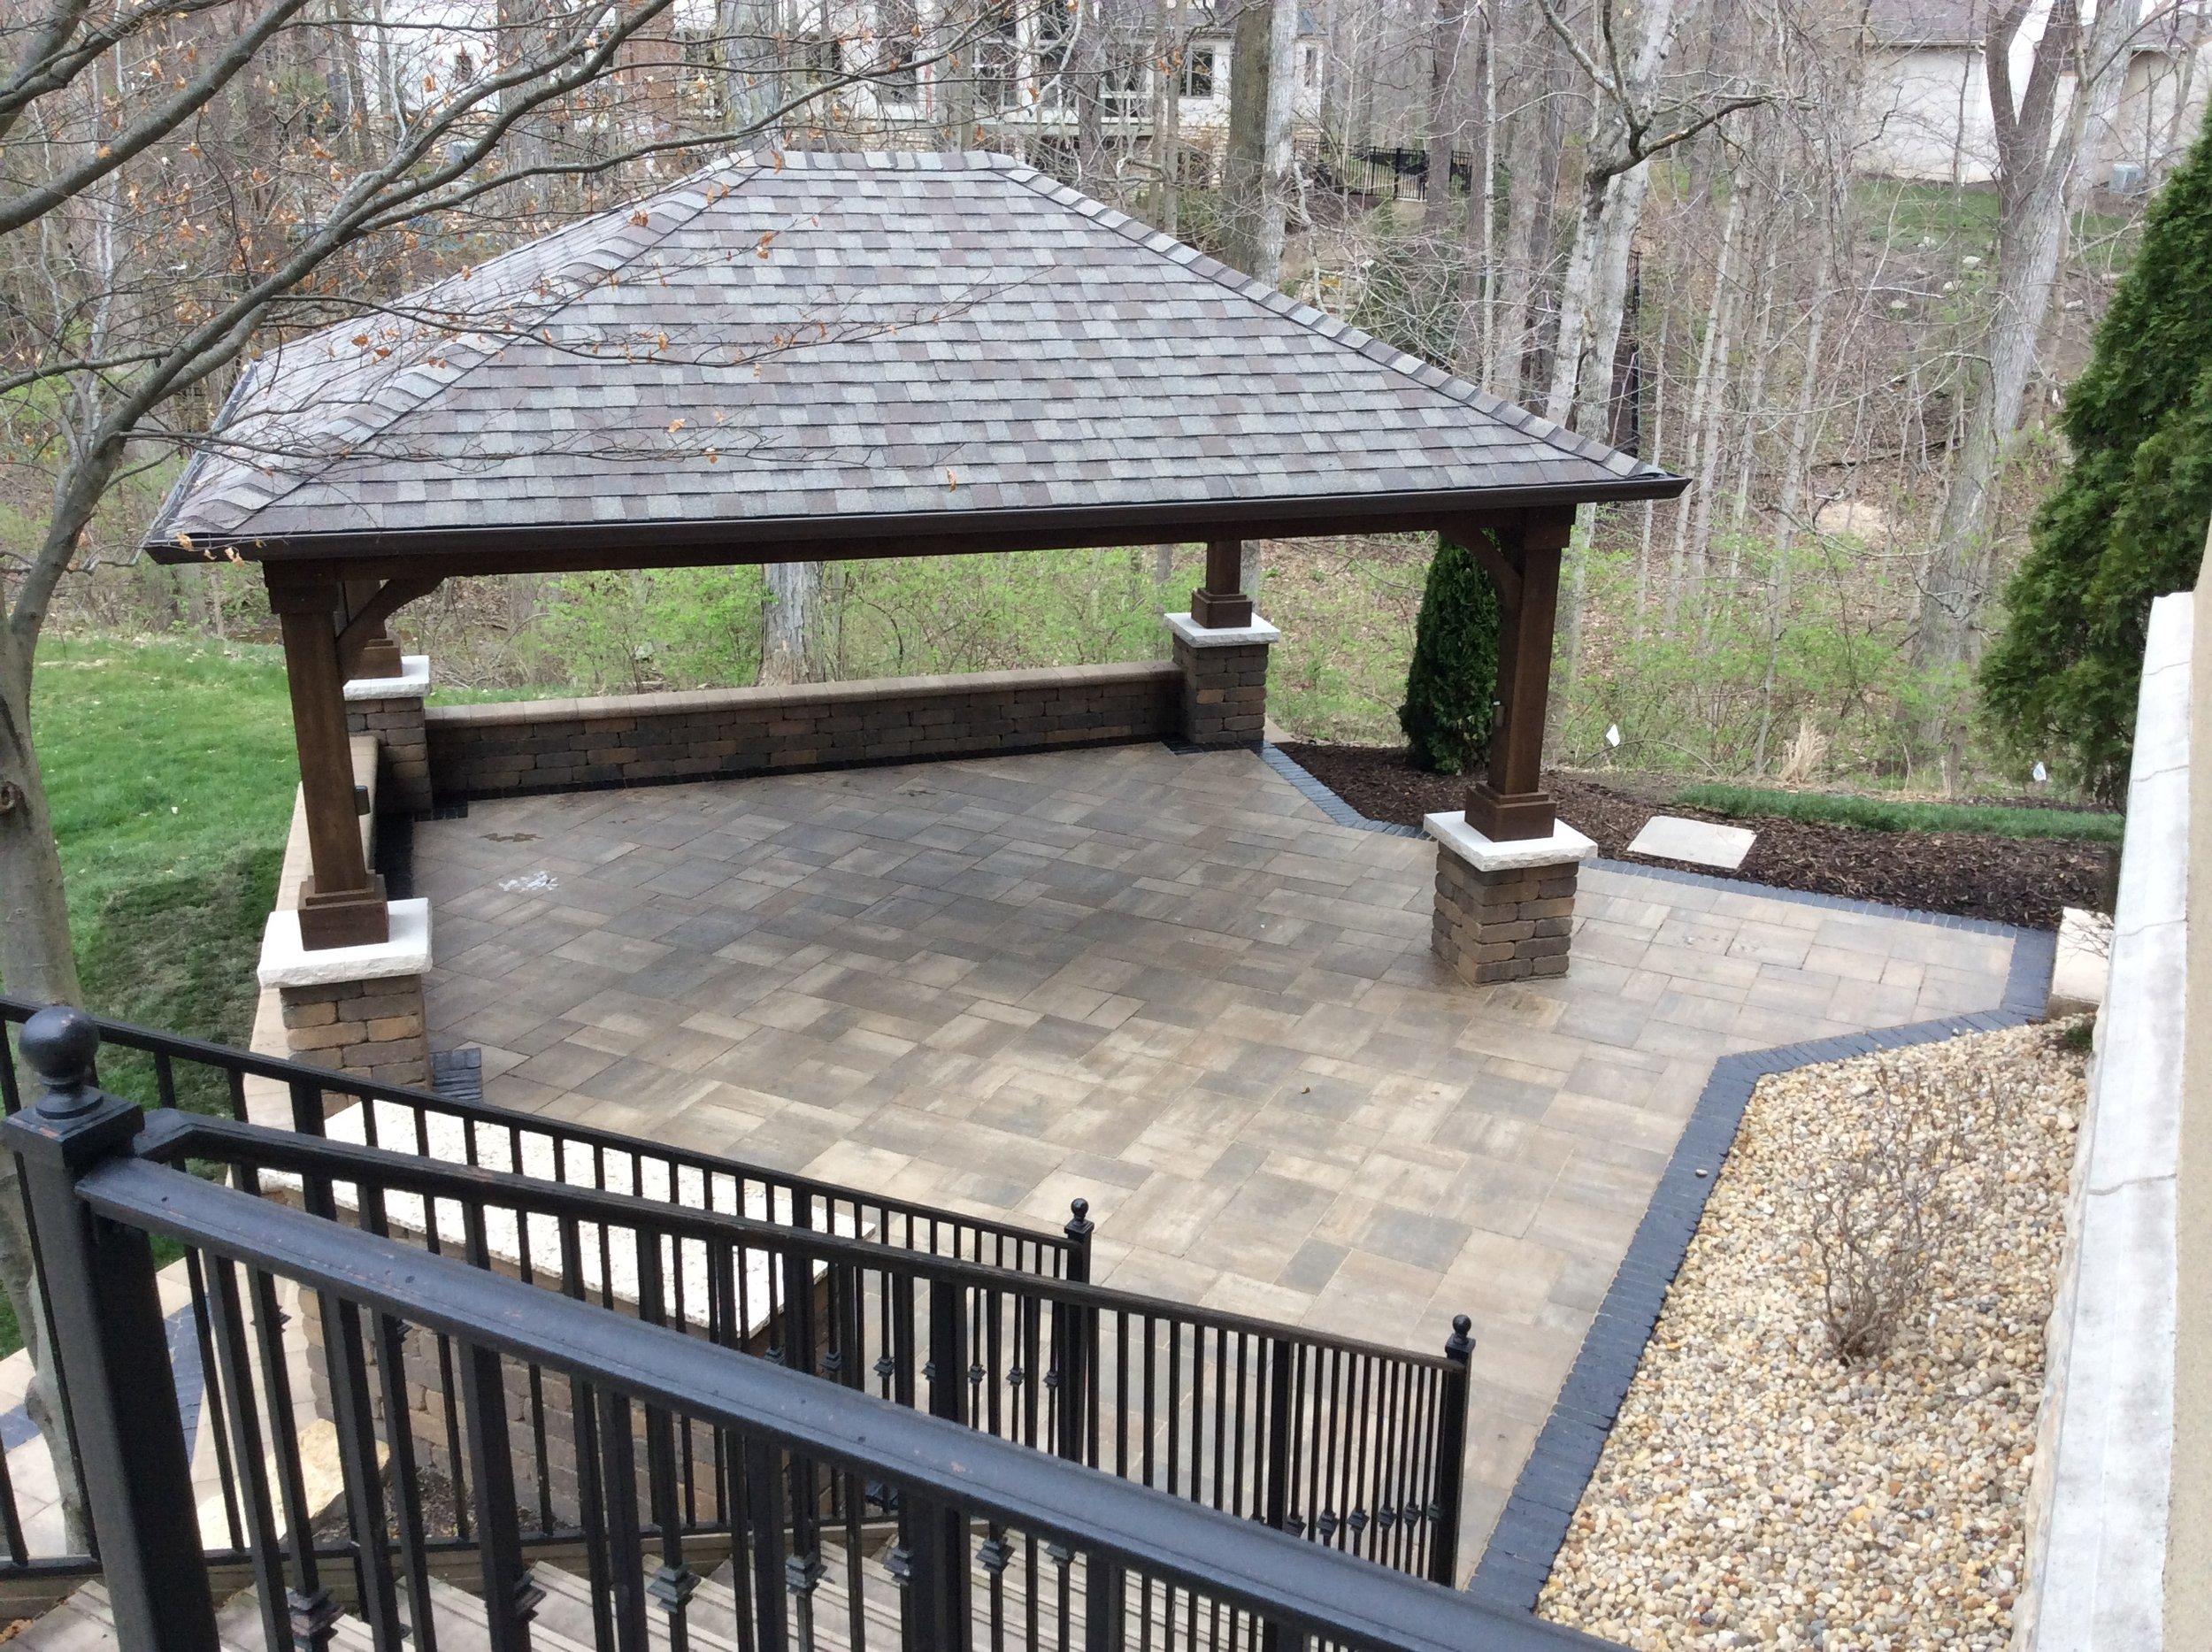 Wylie 16' x 16' Pavilion